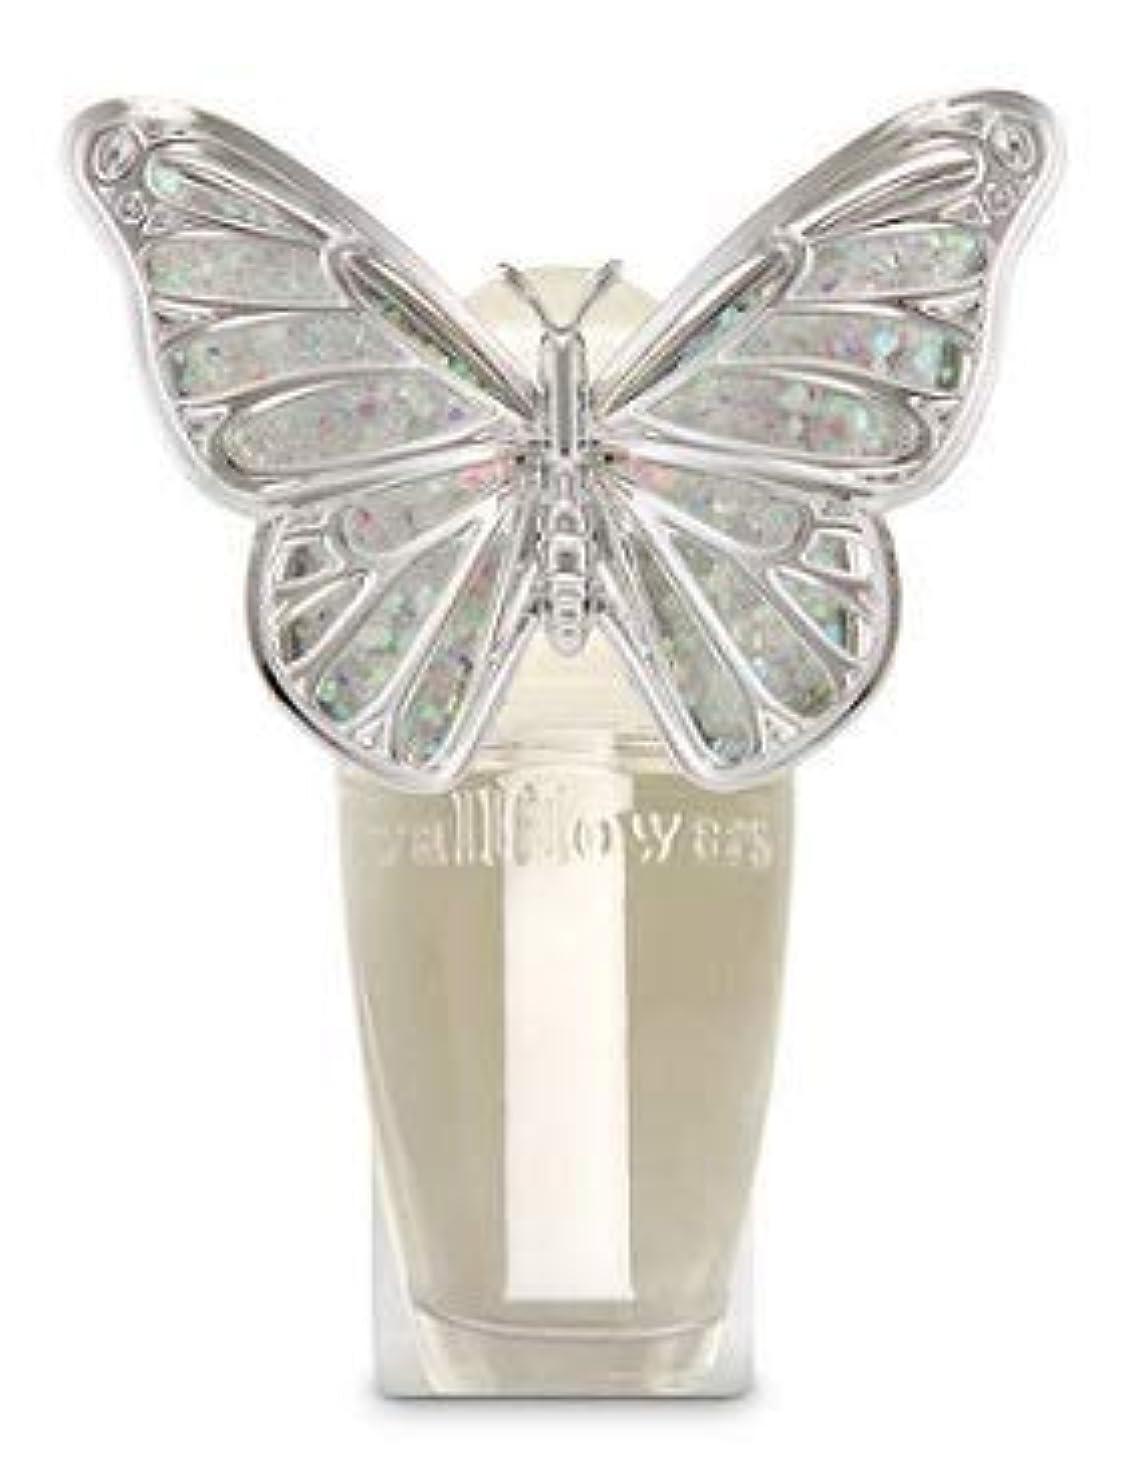 実験室保証金機会【Bath&Body Works/バス&ボディワークス】 ルームフレグランス プラグインスターター (本体のみ) スプリングバタフライ ナイトライト Wallflowers Fragrance Plug Spring butterfly...